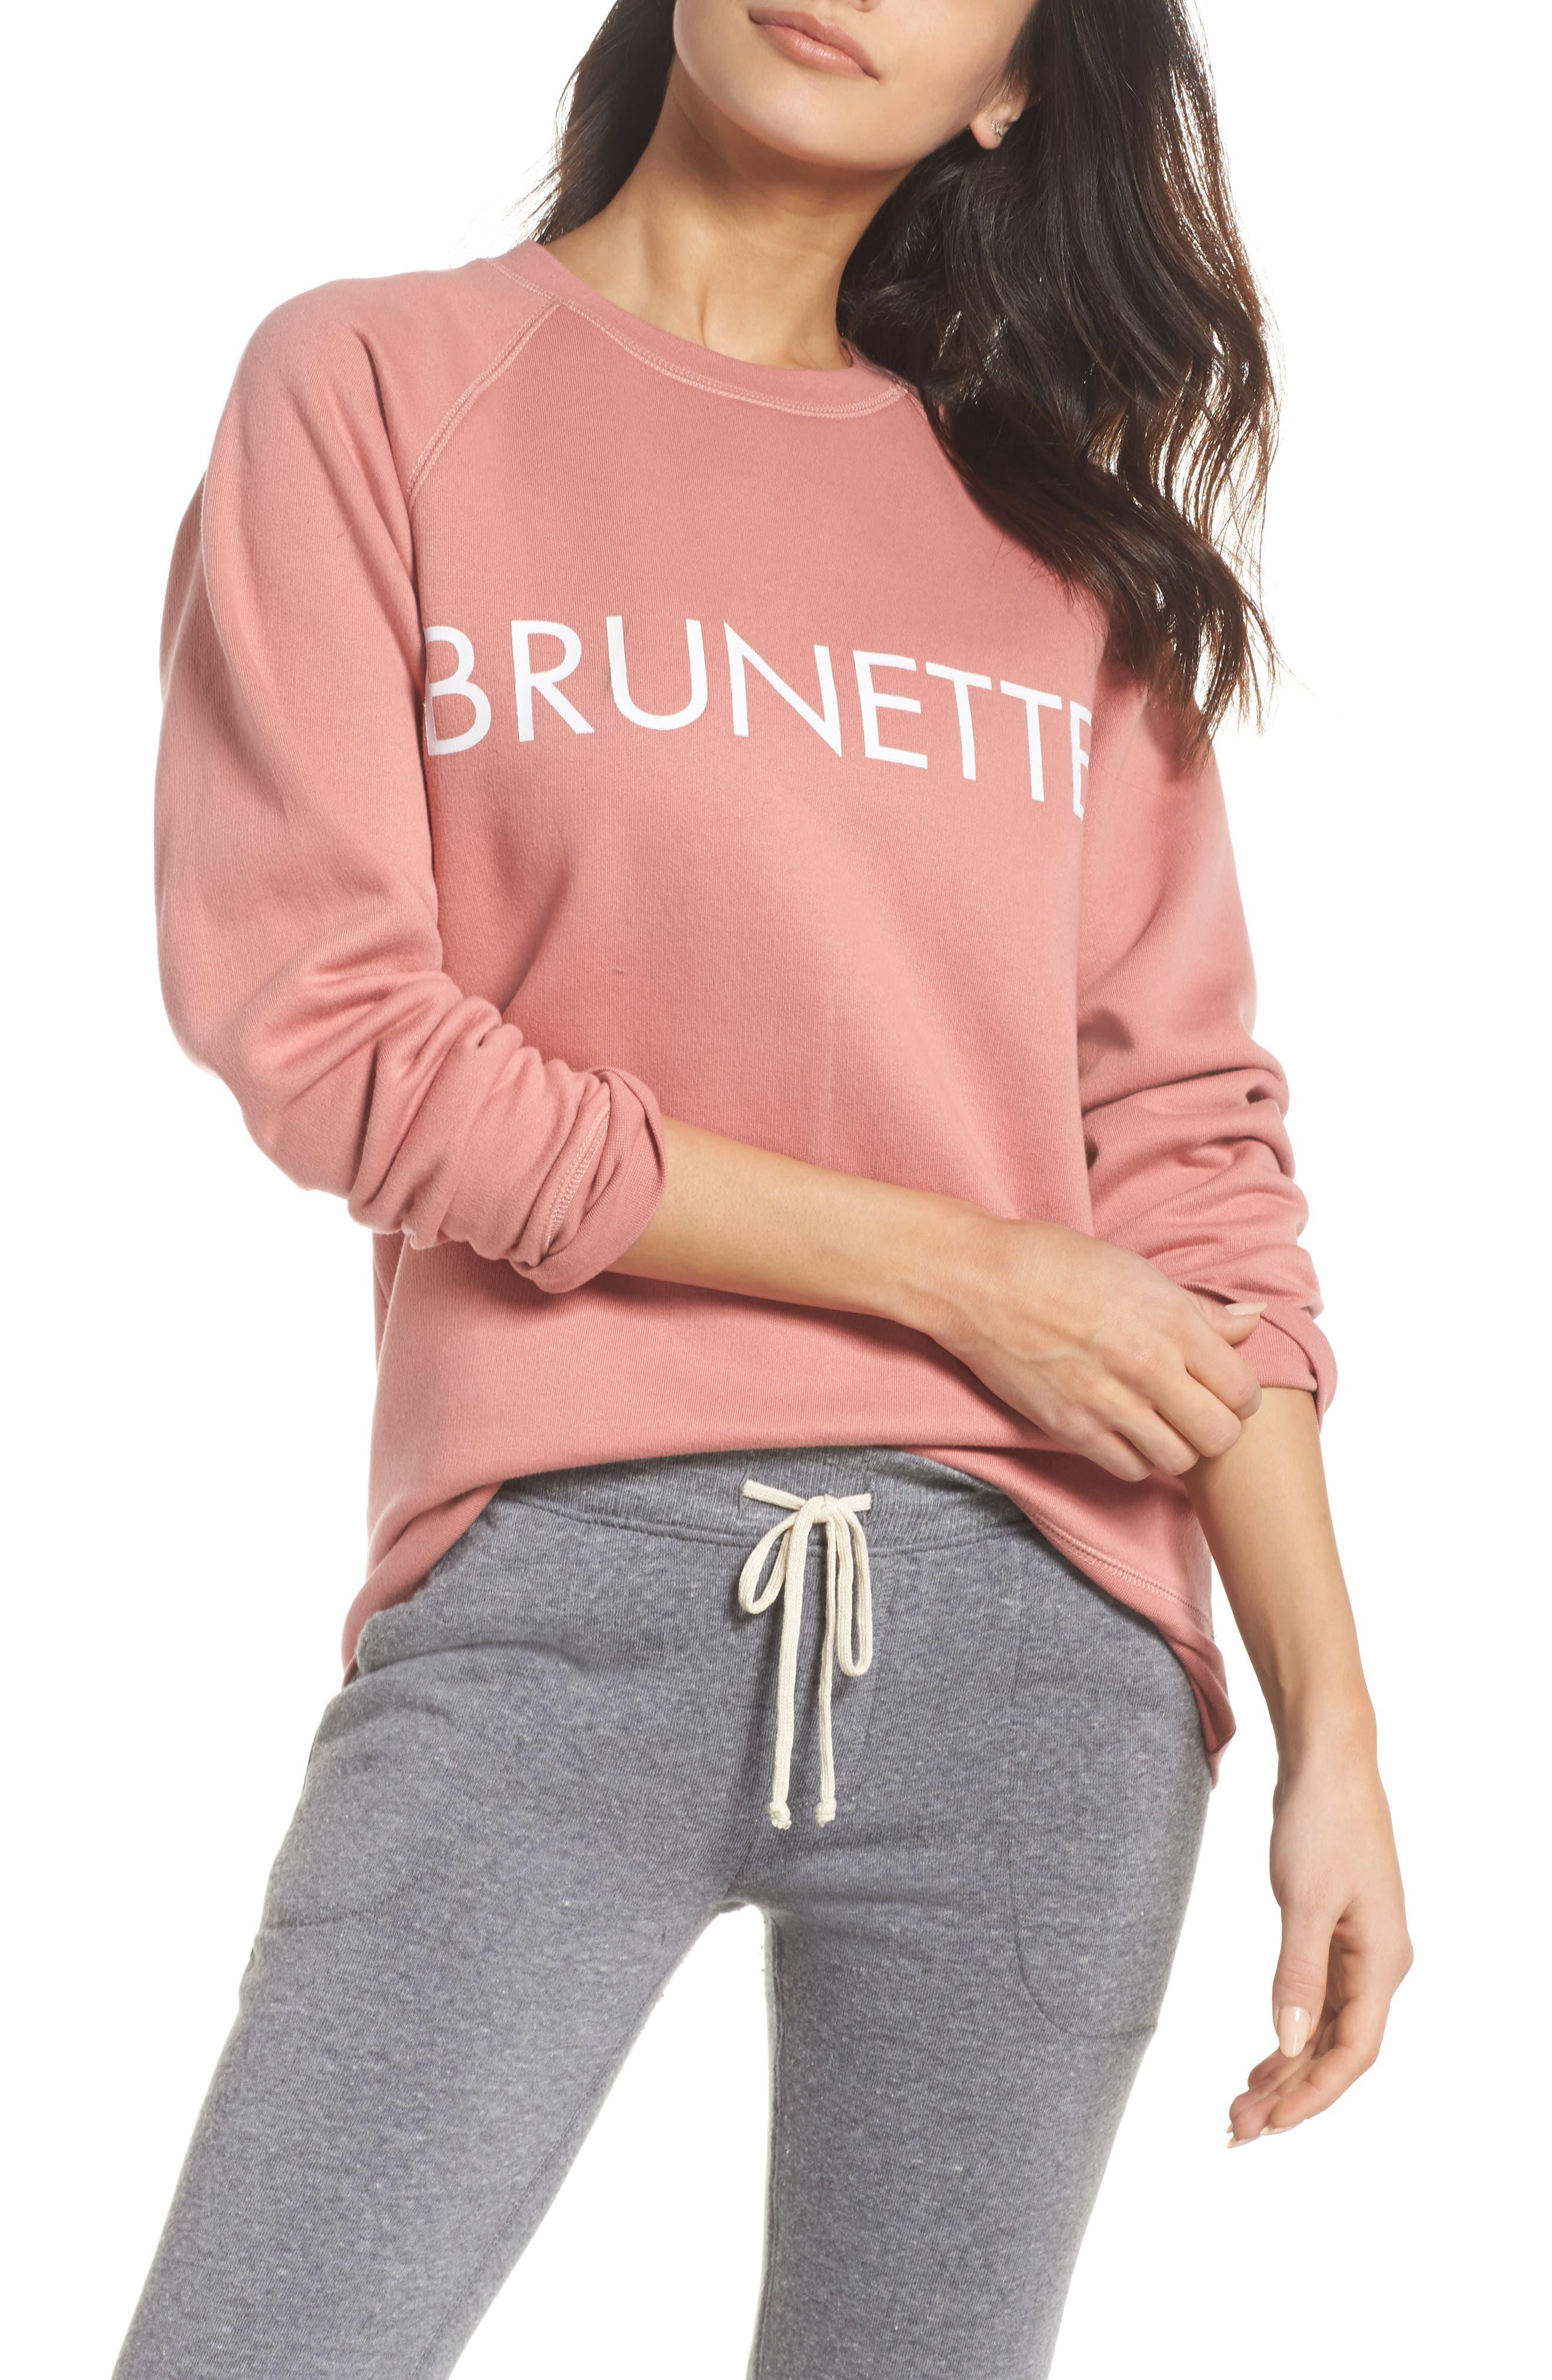 Brunette Crewneck Sweatshirt,                             Main thumbnail 1, color,                             Dusty Rose